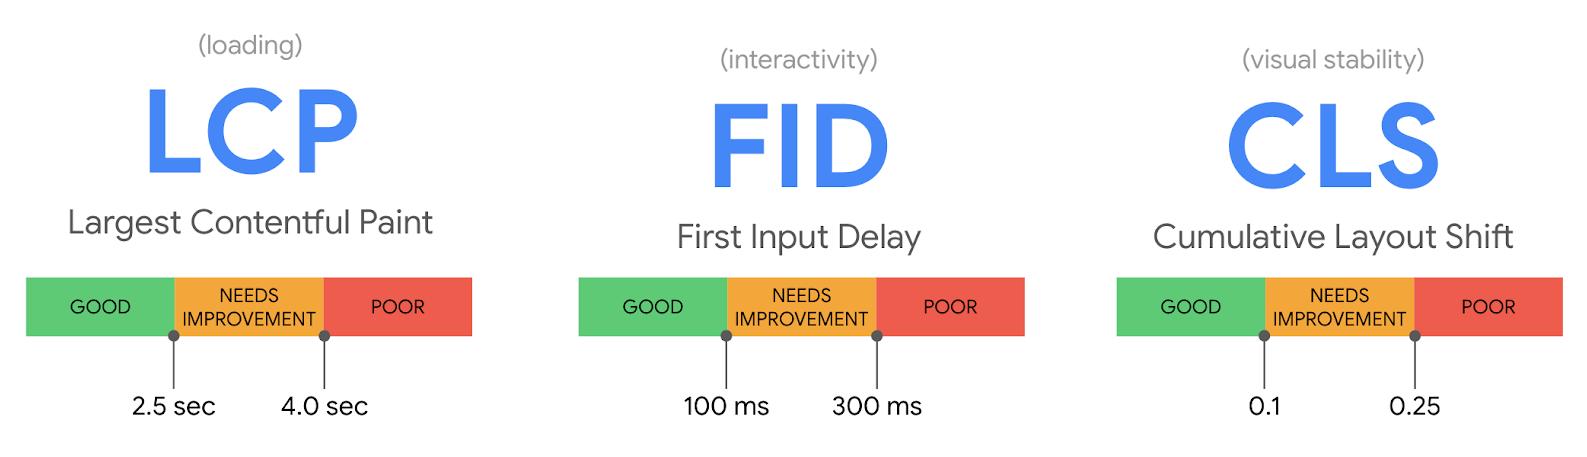 Google's Web Core Vitals (LCP, FID, CLS)